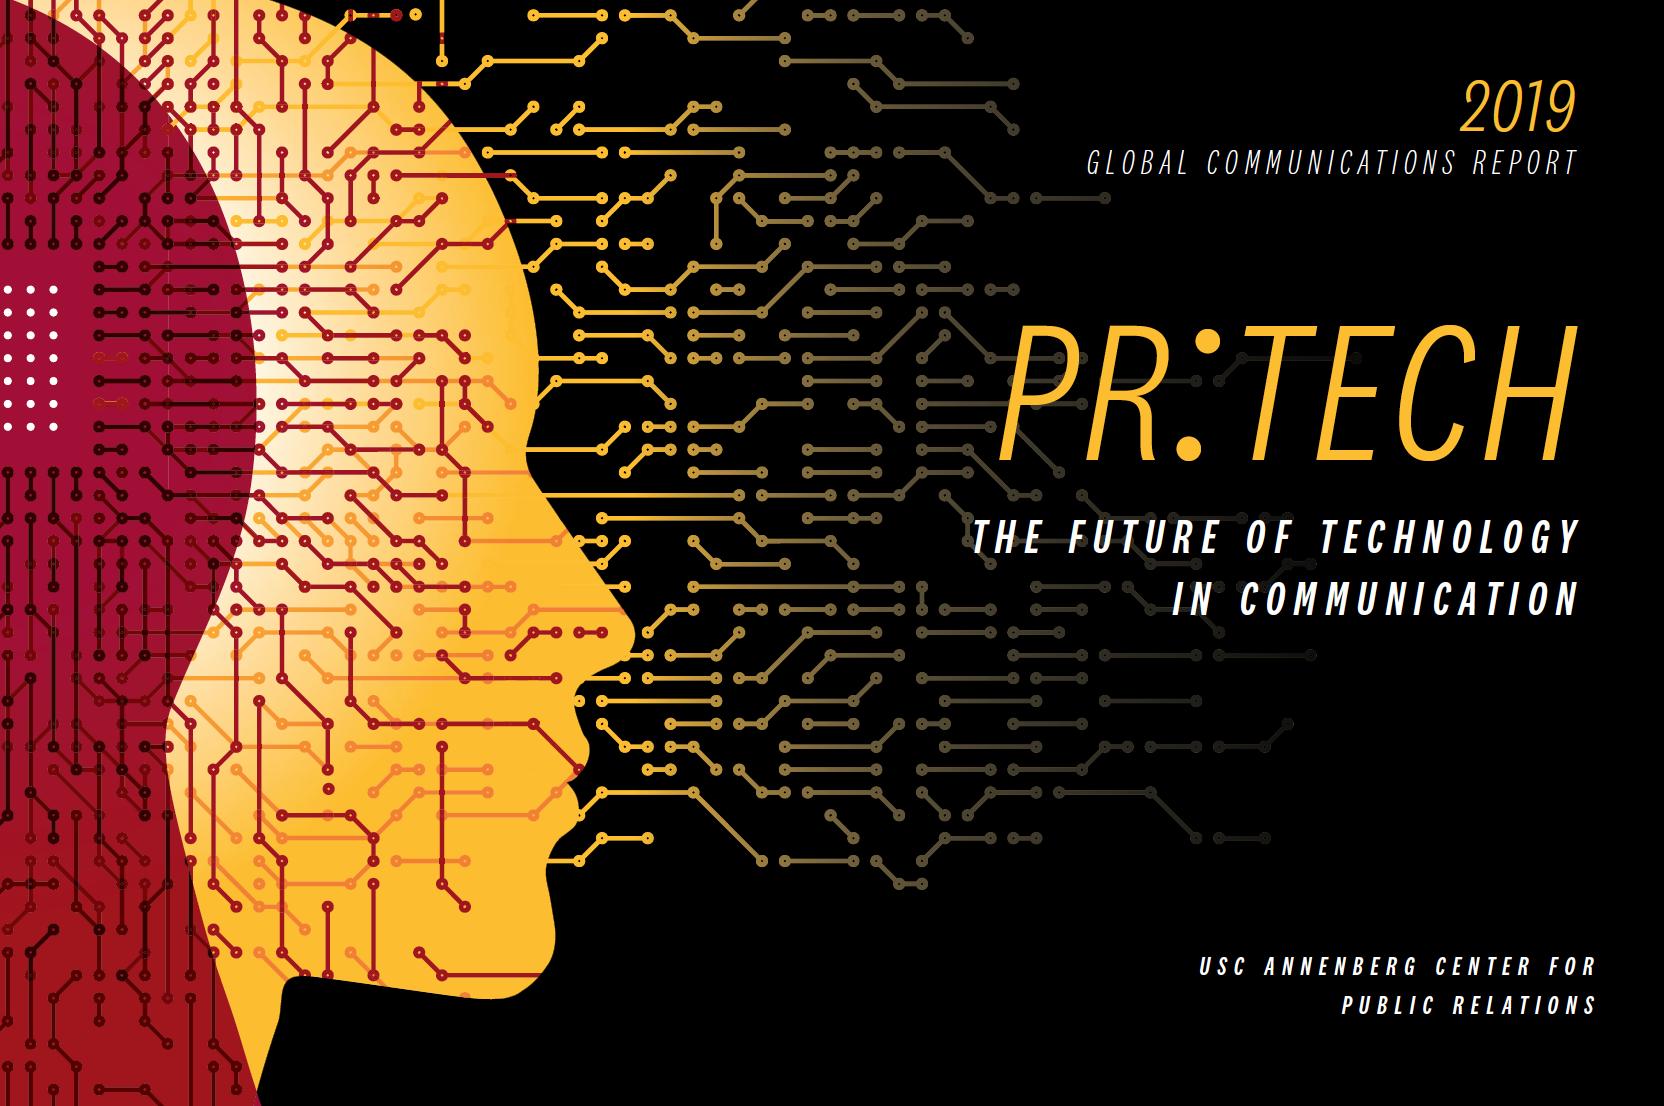 Viestinnän tulevaisuus 2019 – teknologia, sisällöt ja vuorovaikutus